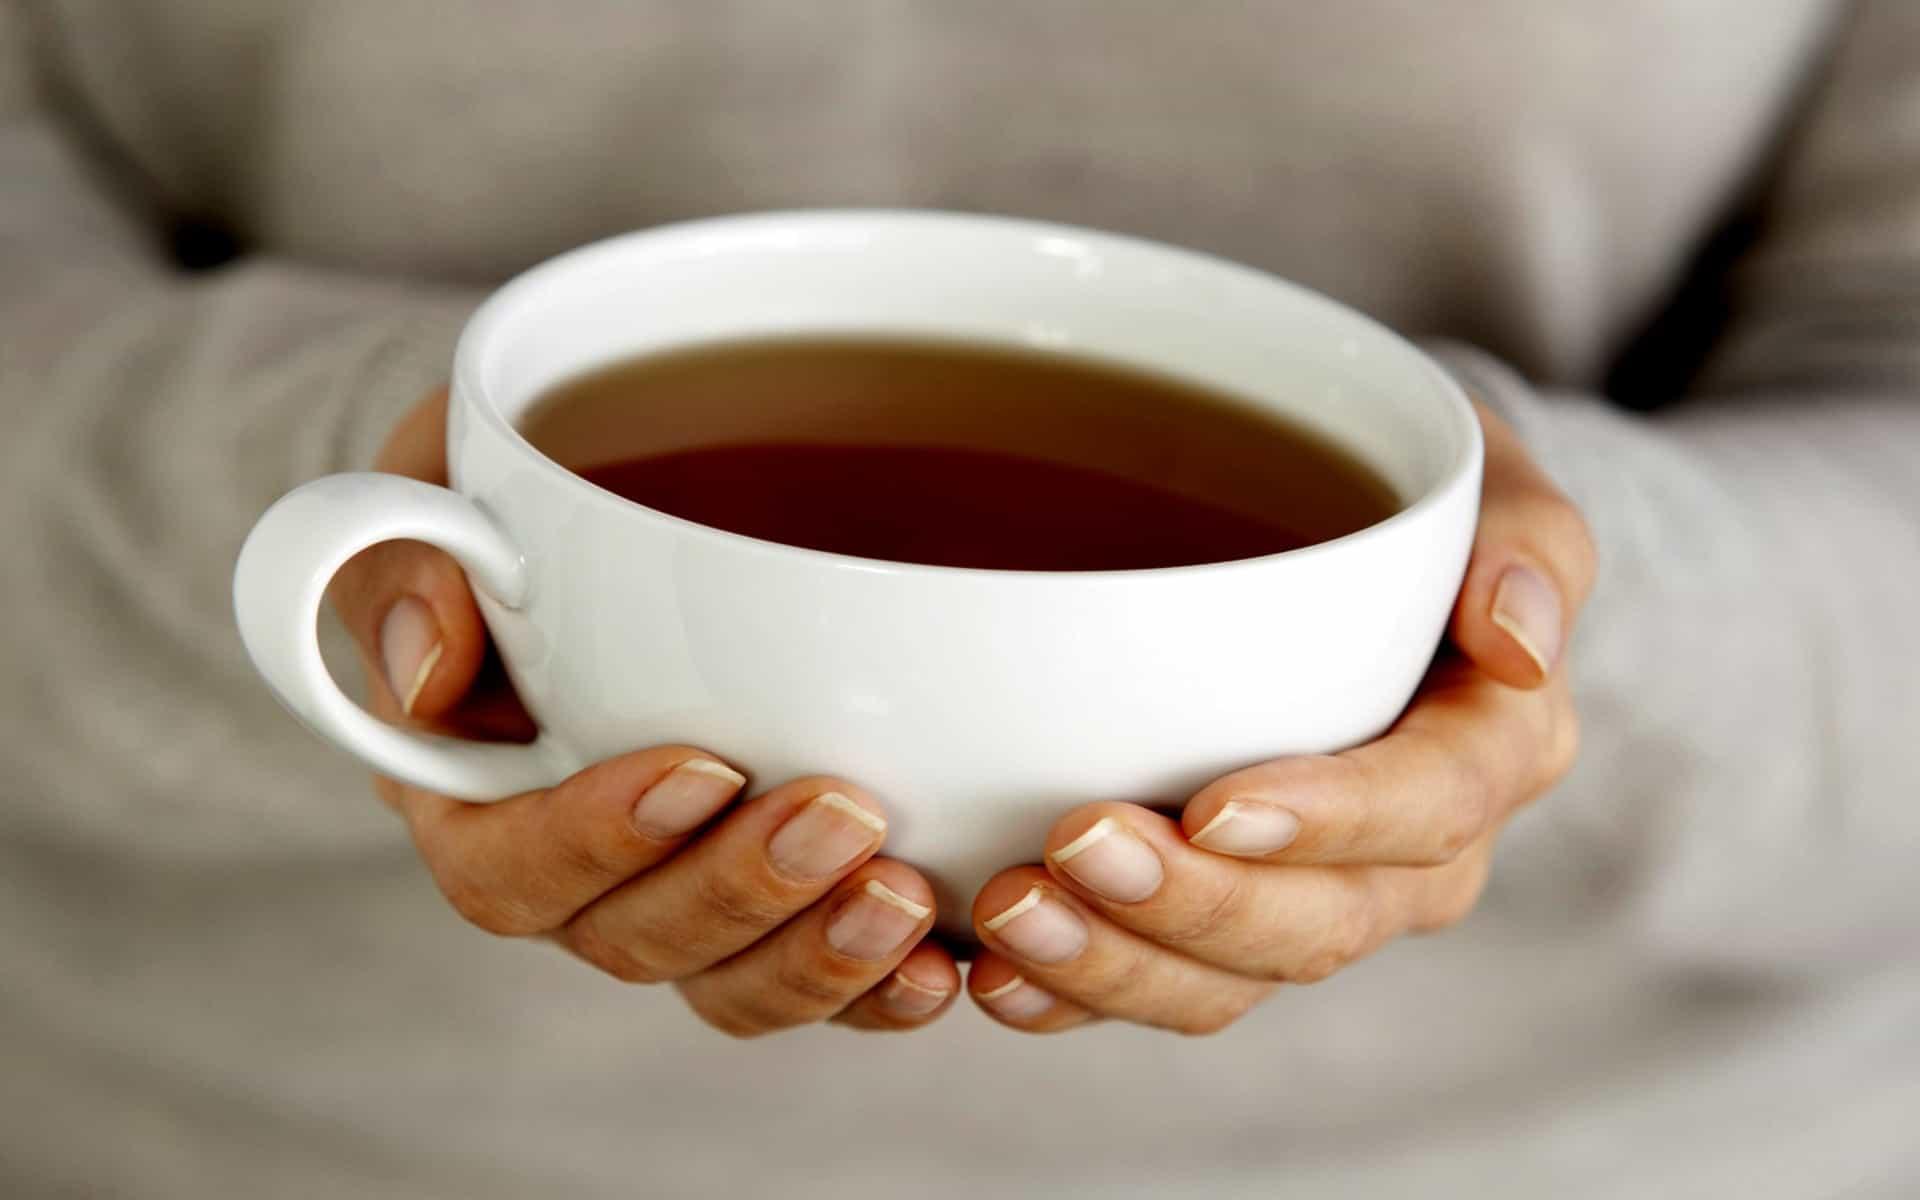 можно ли пить глицин после кофе